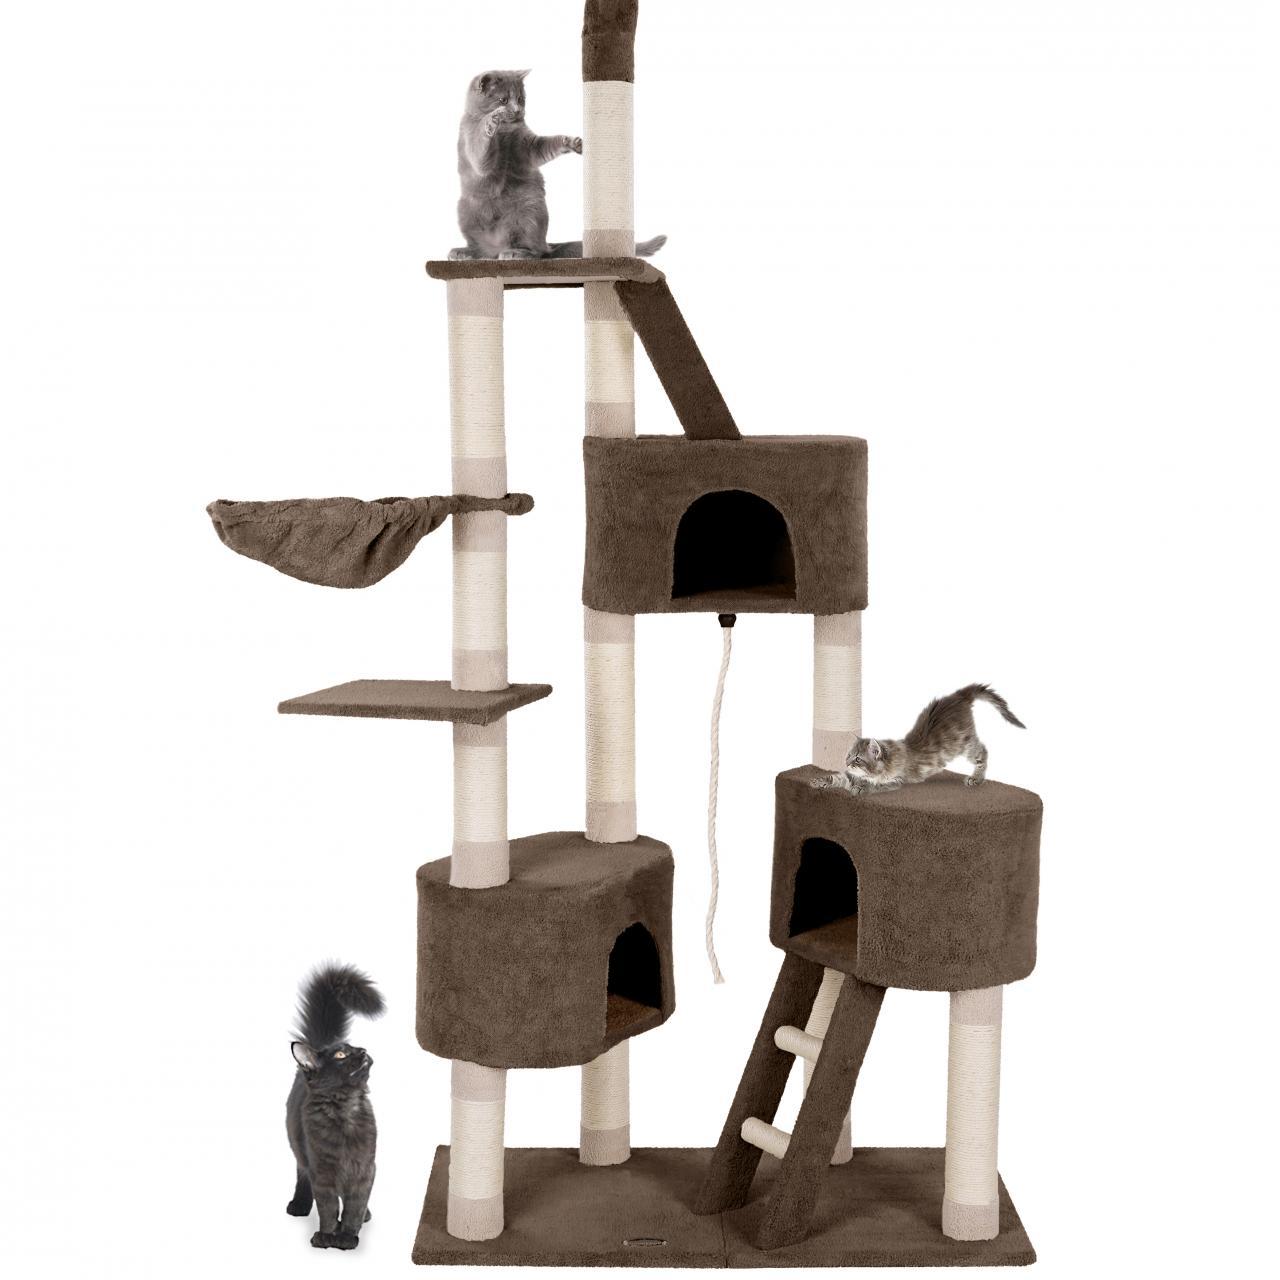 kratzbaum katzenkratzbaum katzenbaum gro kletterbaum h hlen liegemulde sisal ebay. Black Bedroom Furniture Sets. Home Design Ideas